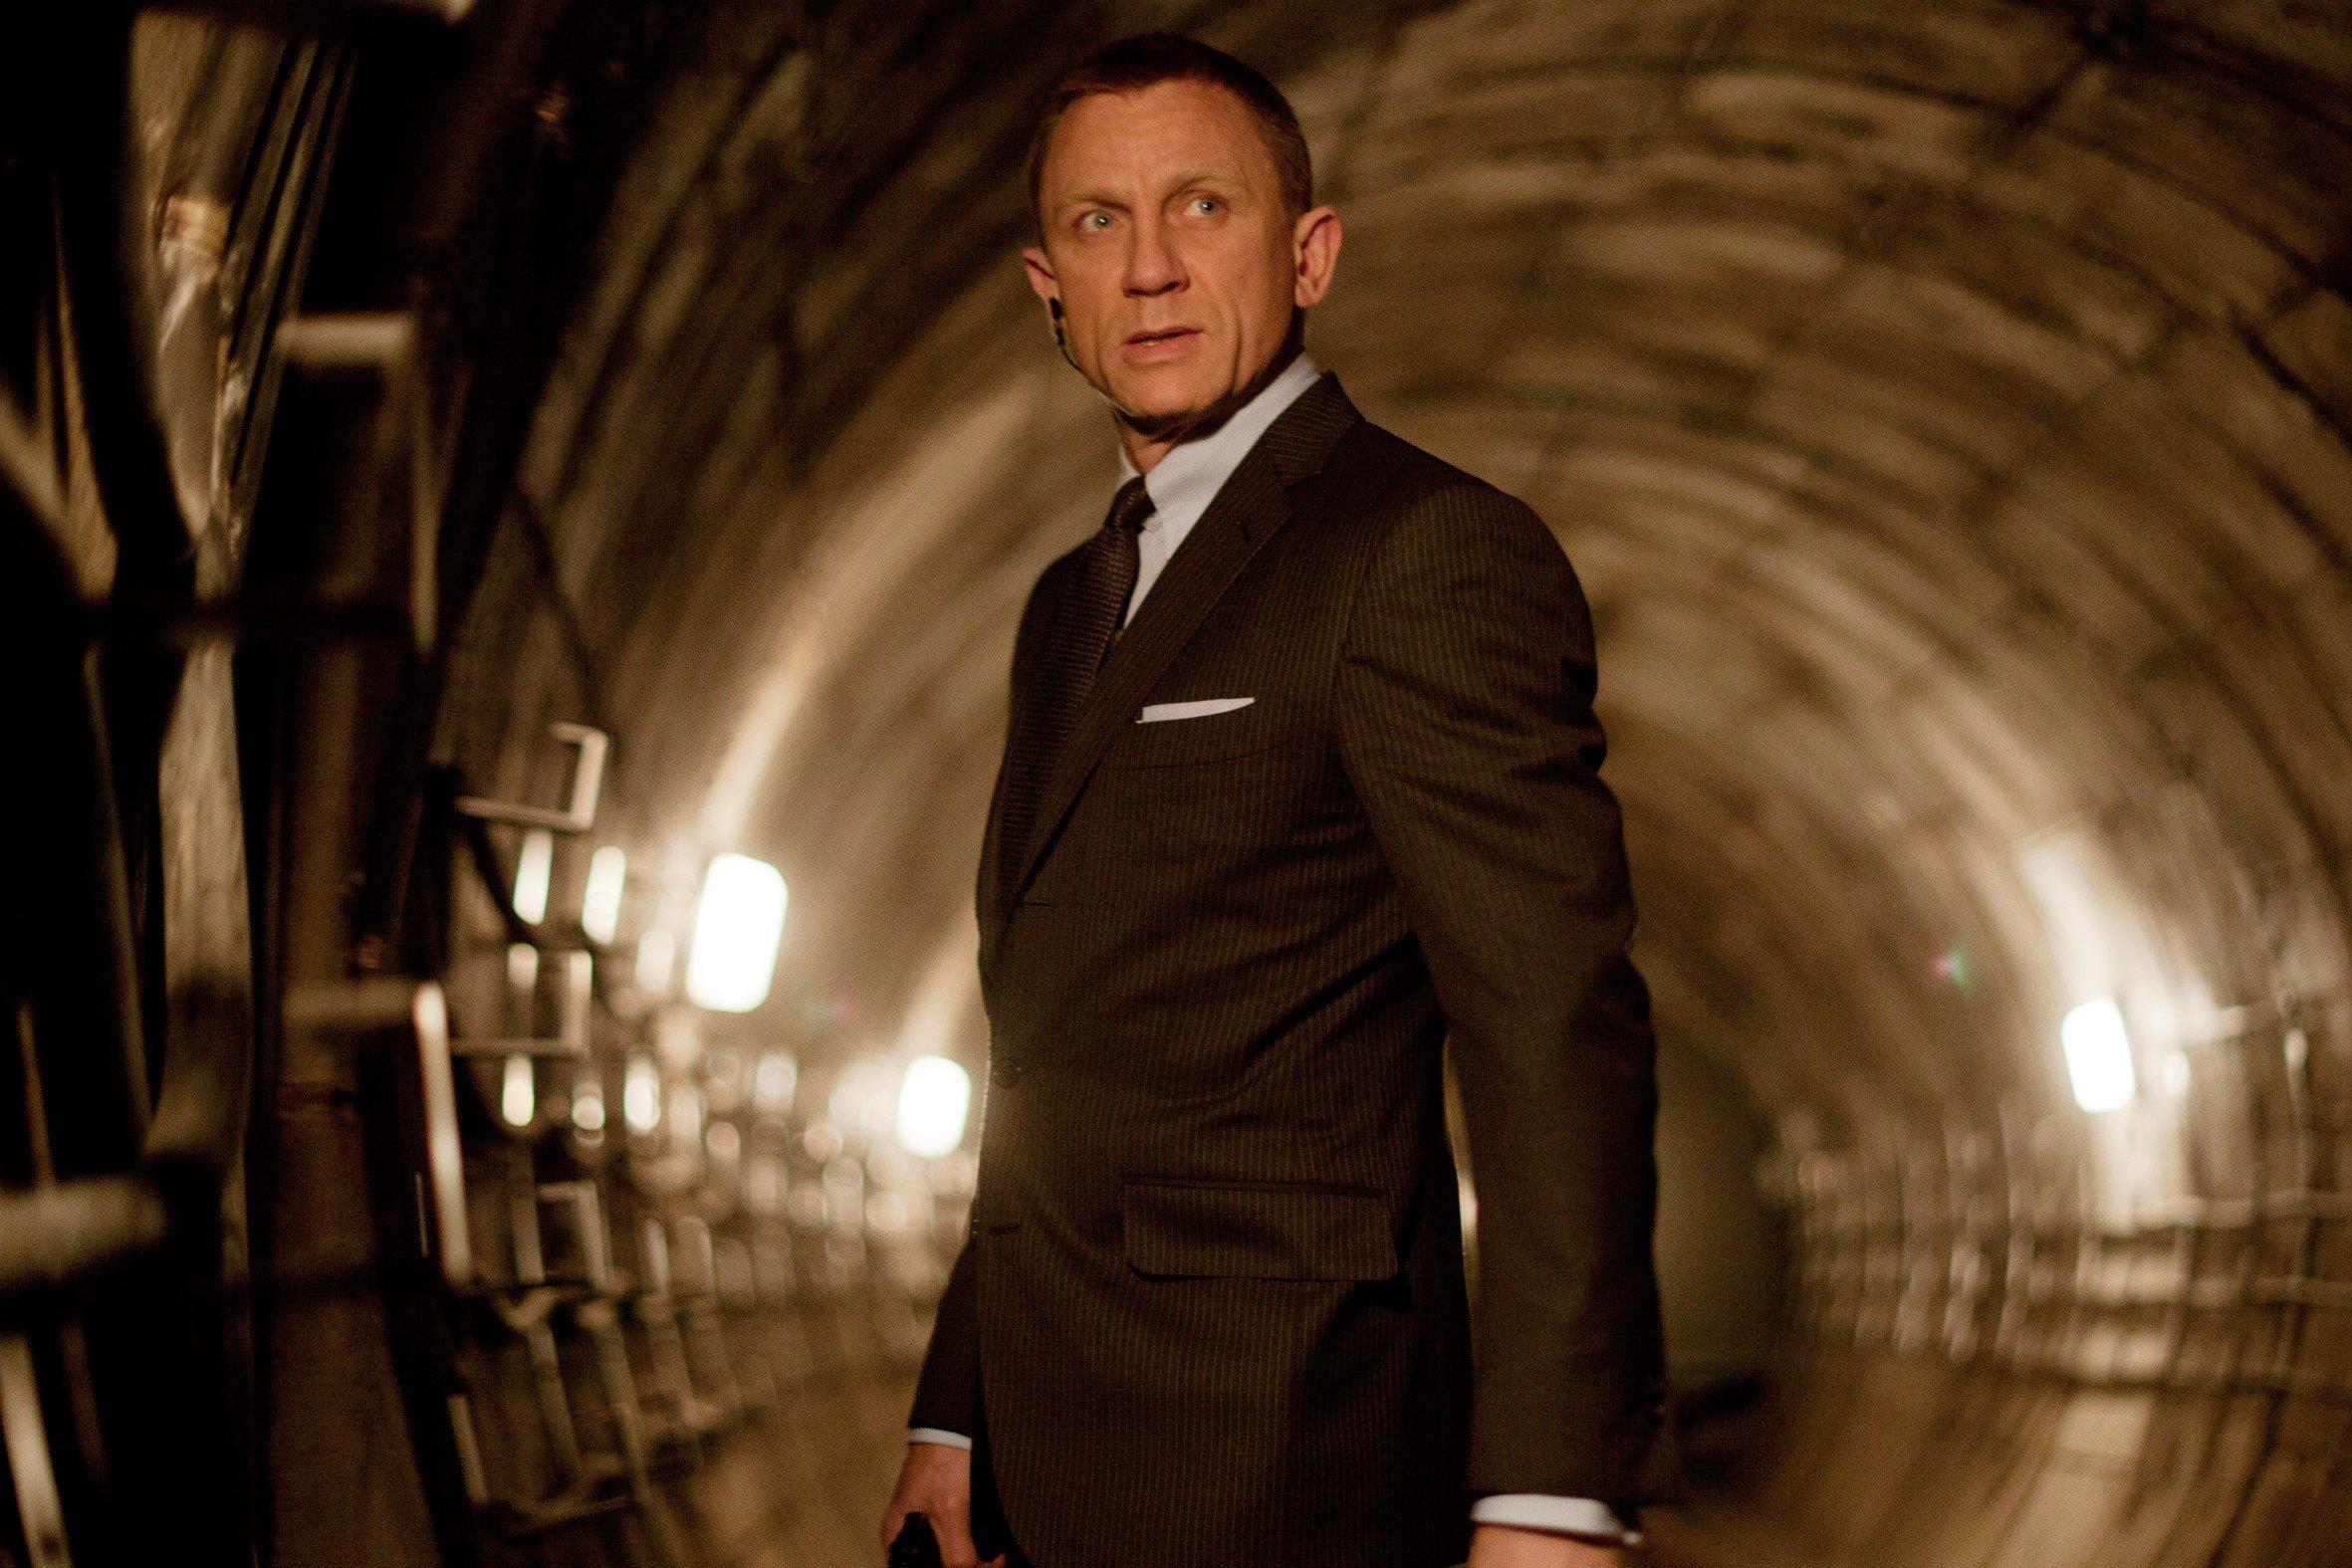 James Bond Movies - Spectre (2015)